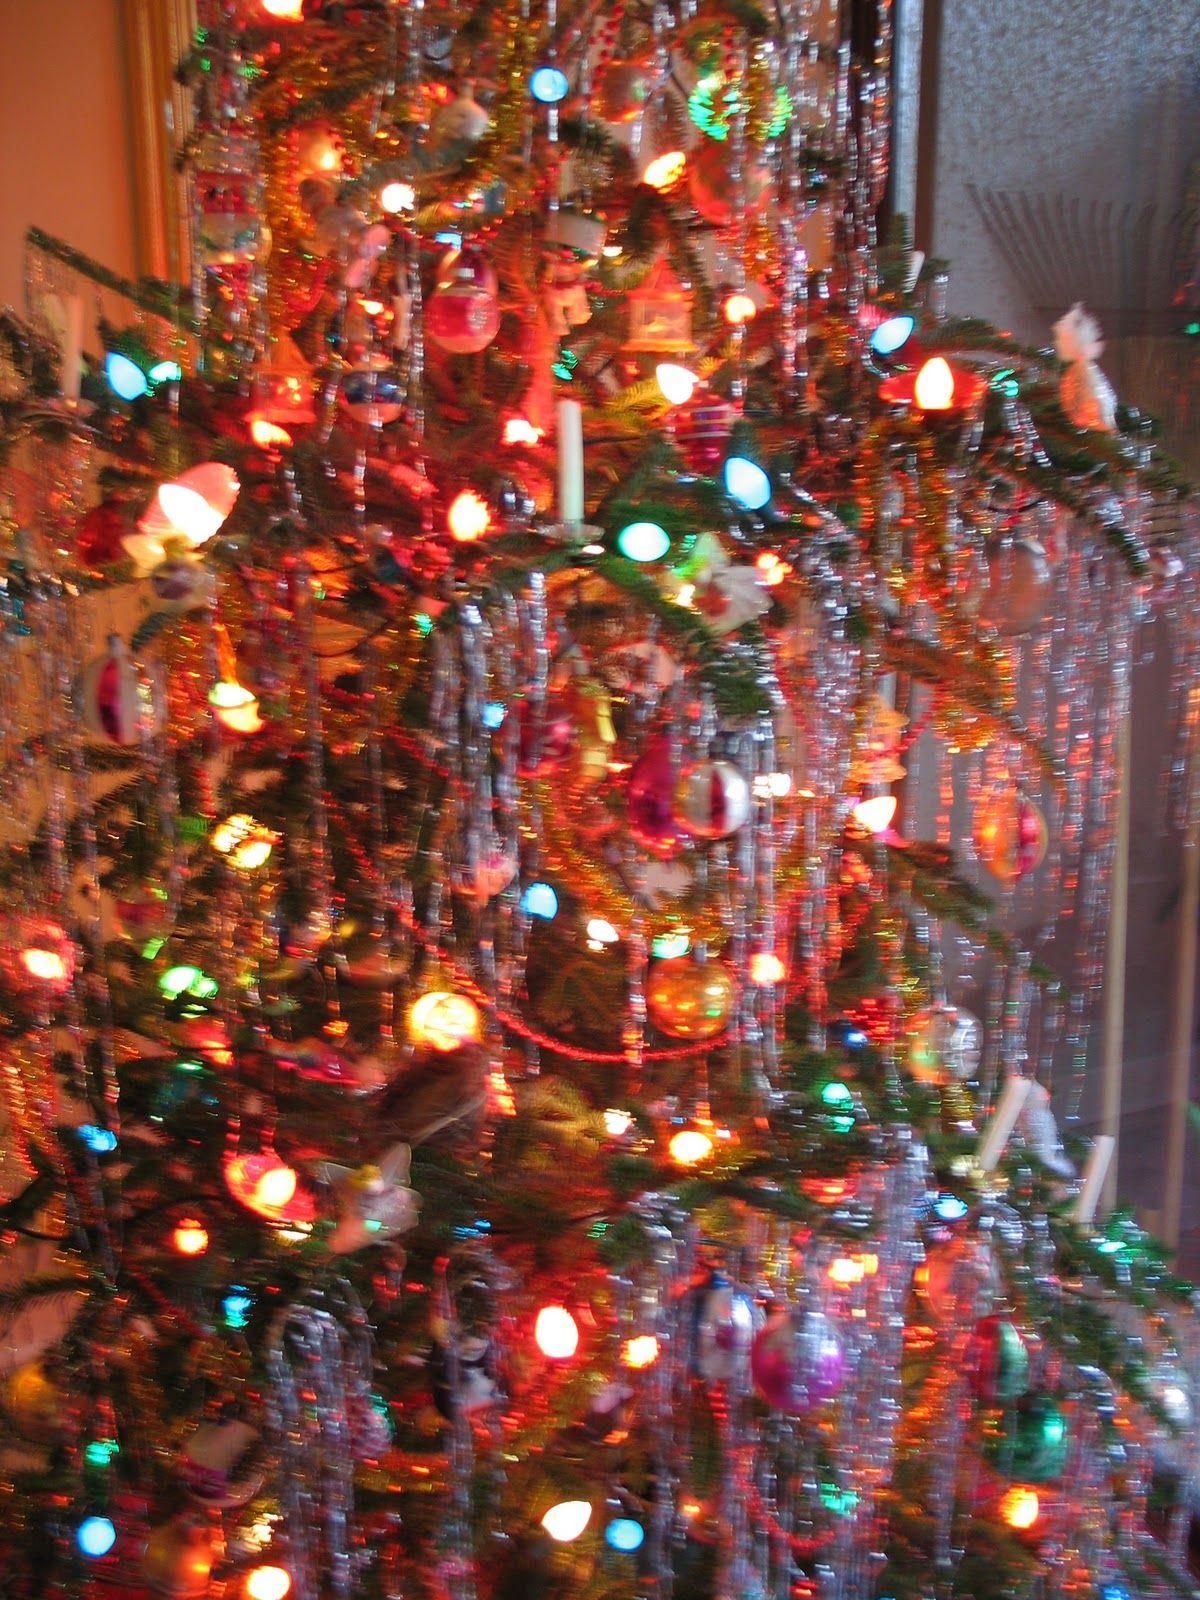 Christmas Tree Lights Vintage Christmas Lights Vintage Christmas Tree Decorations Christmas Lights Images